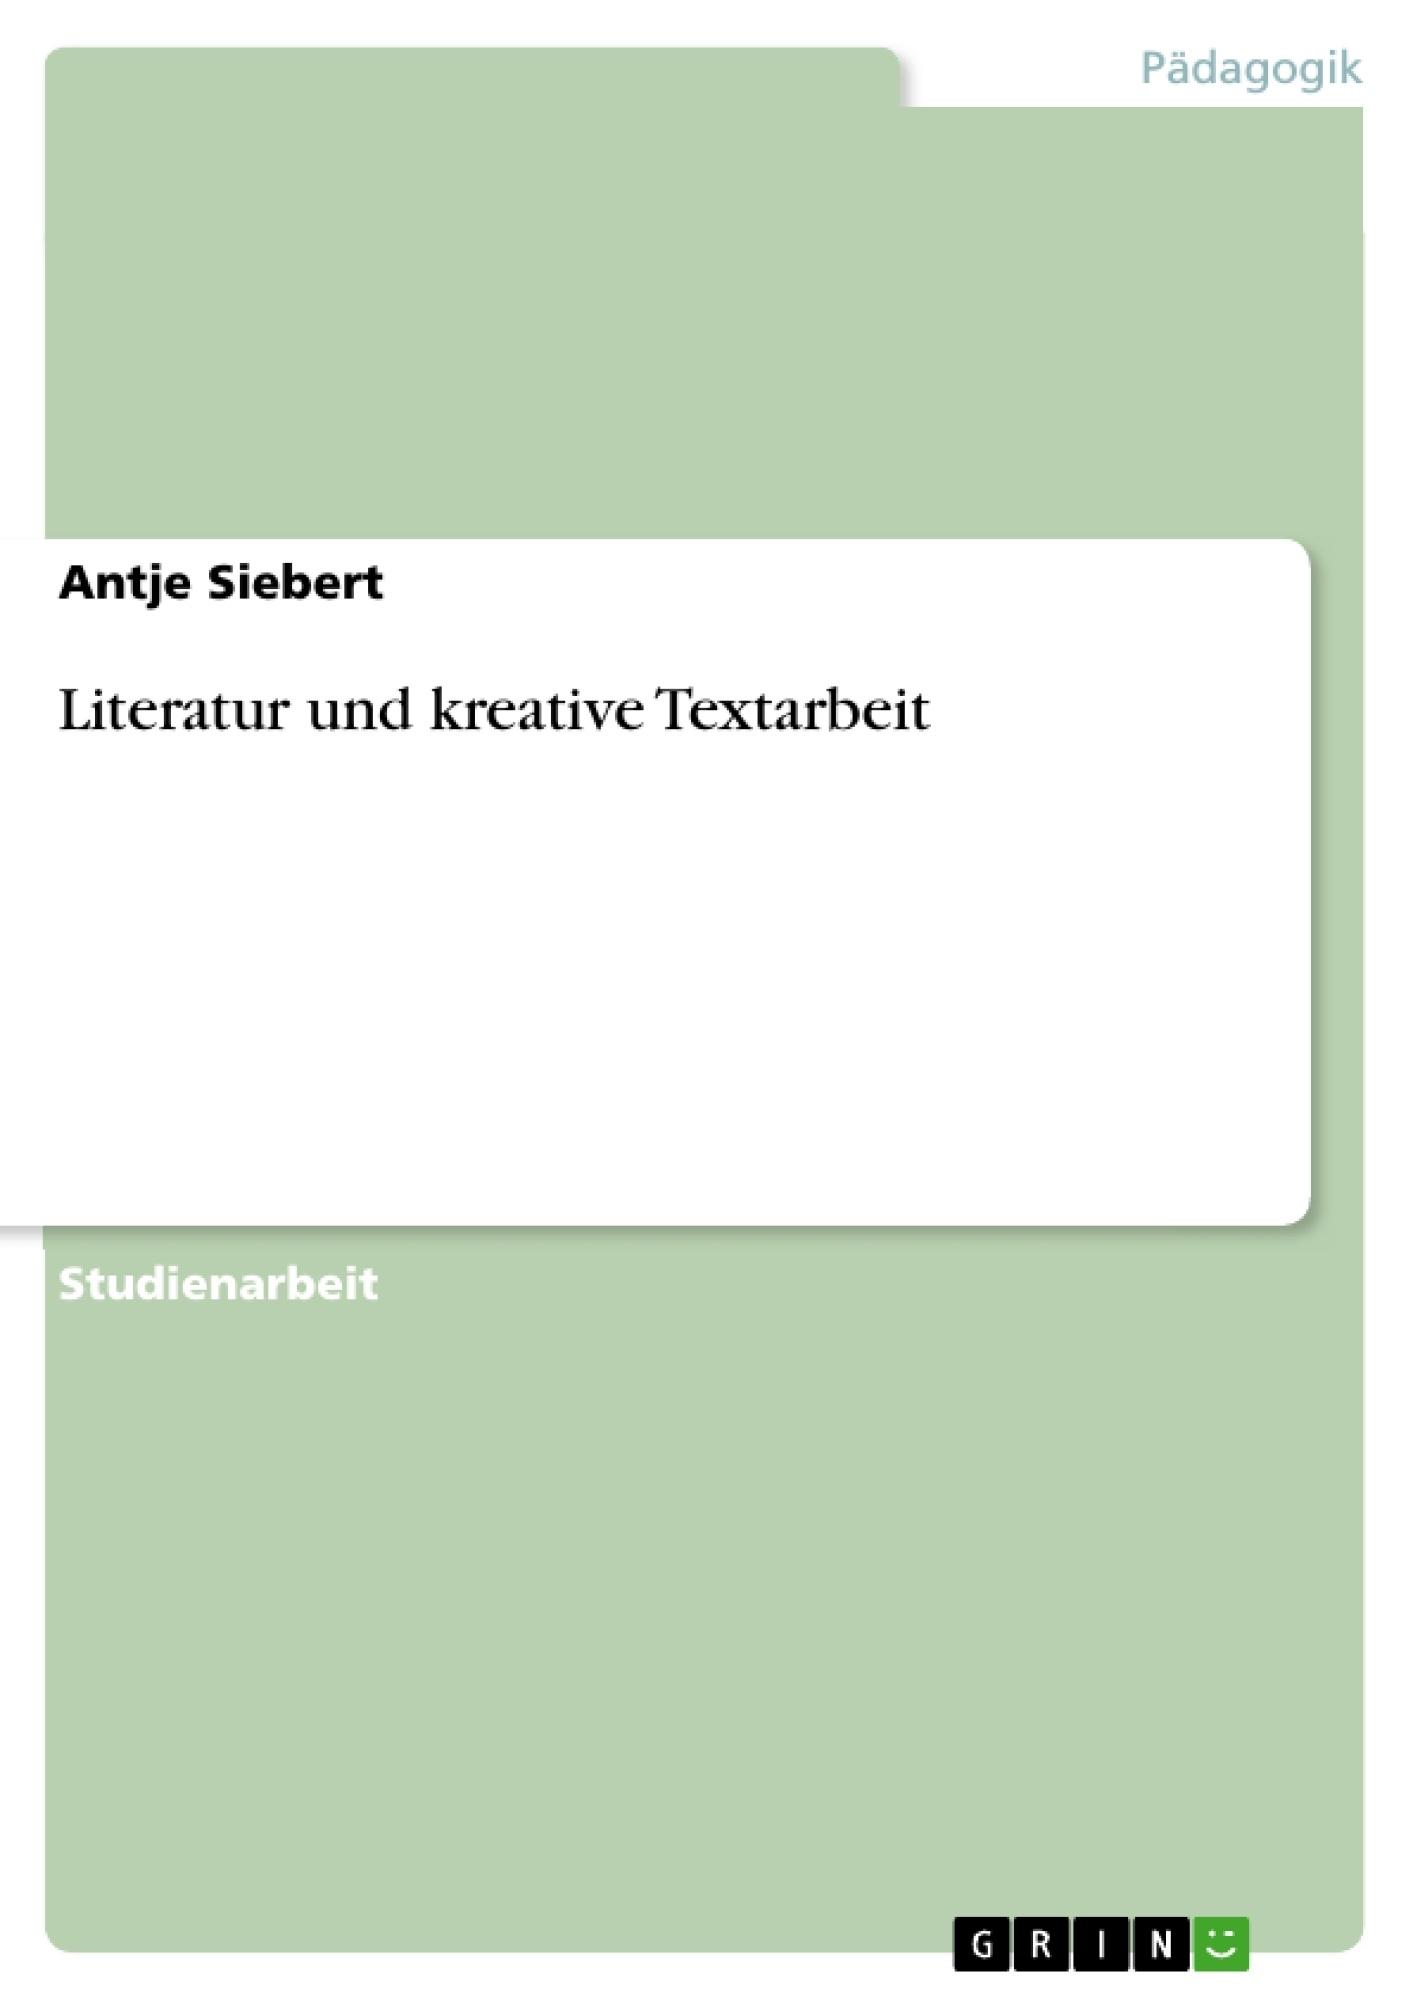 Titel: Literatur und kreative Textarbeit